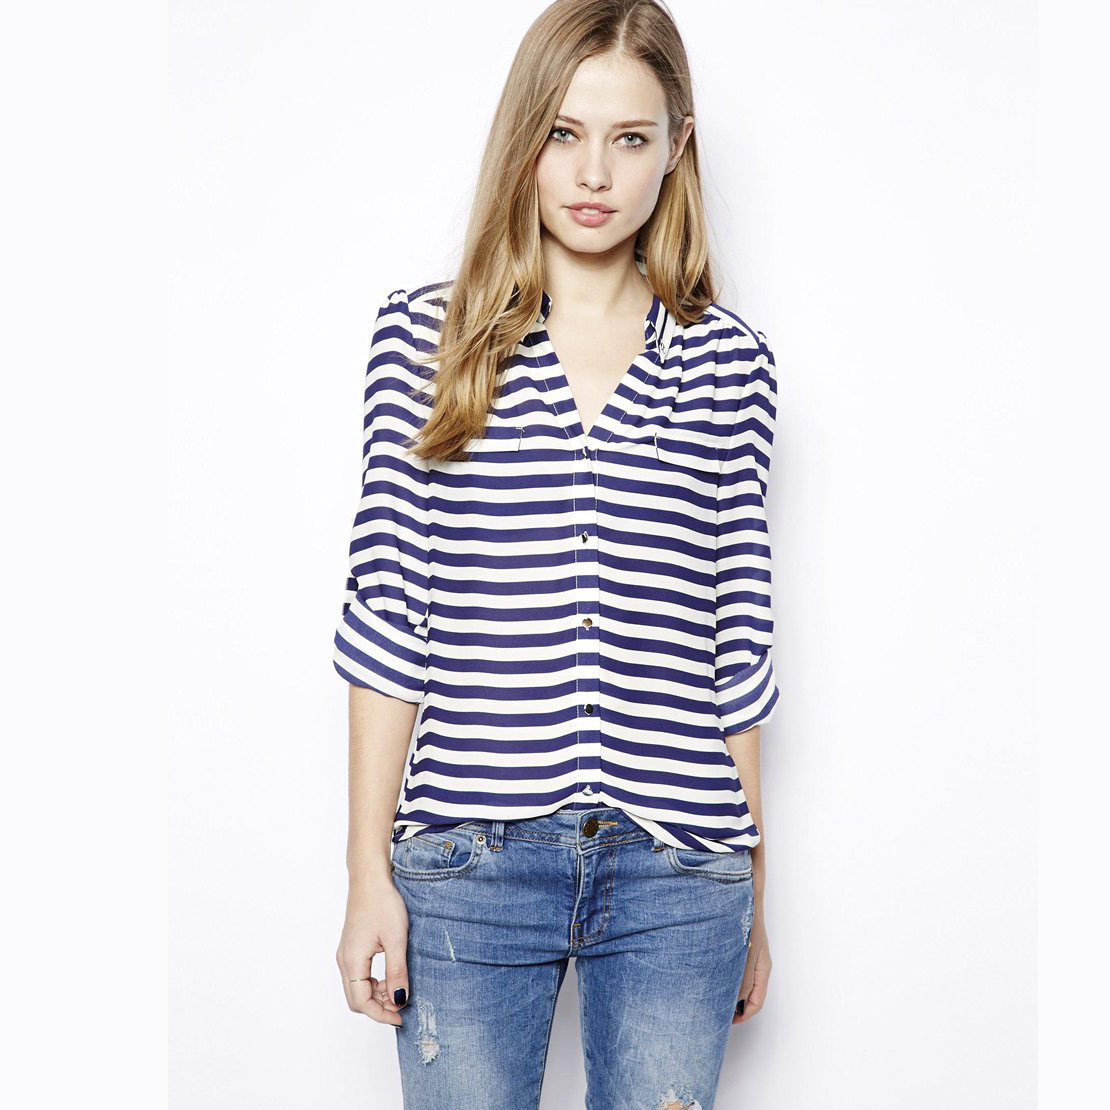 1fb6fdf1d3d Сине-белая женская рубашка в горизонтальную полоску с джинсами ...